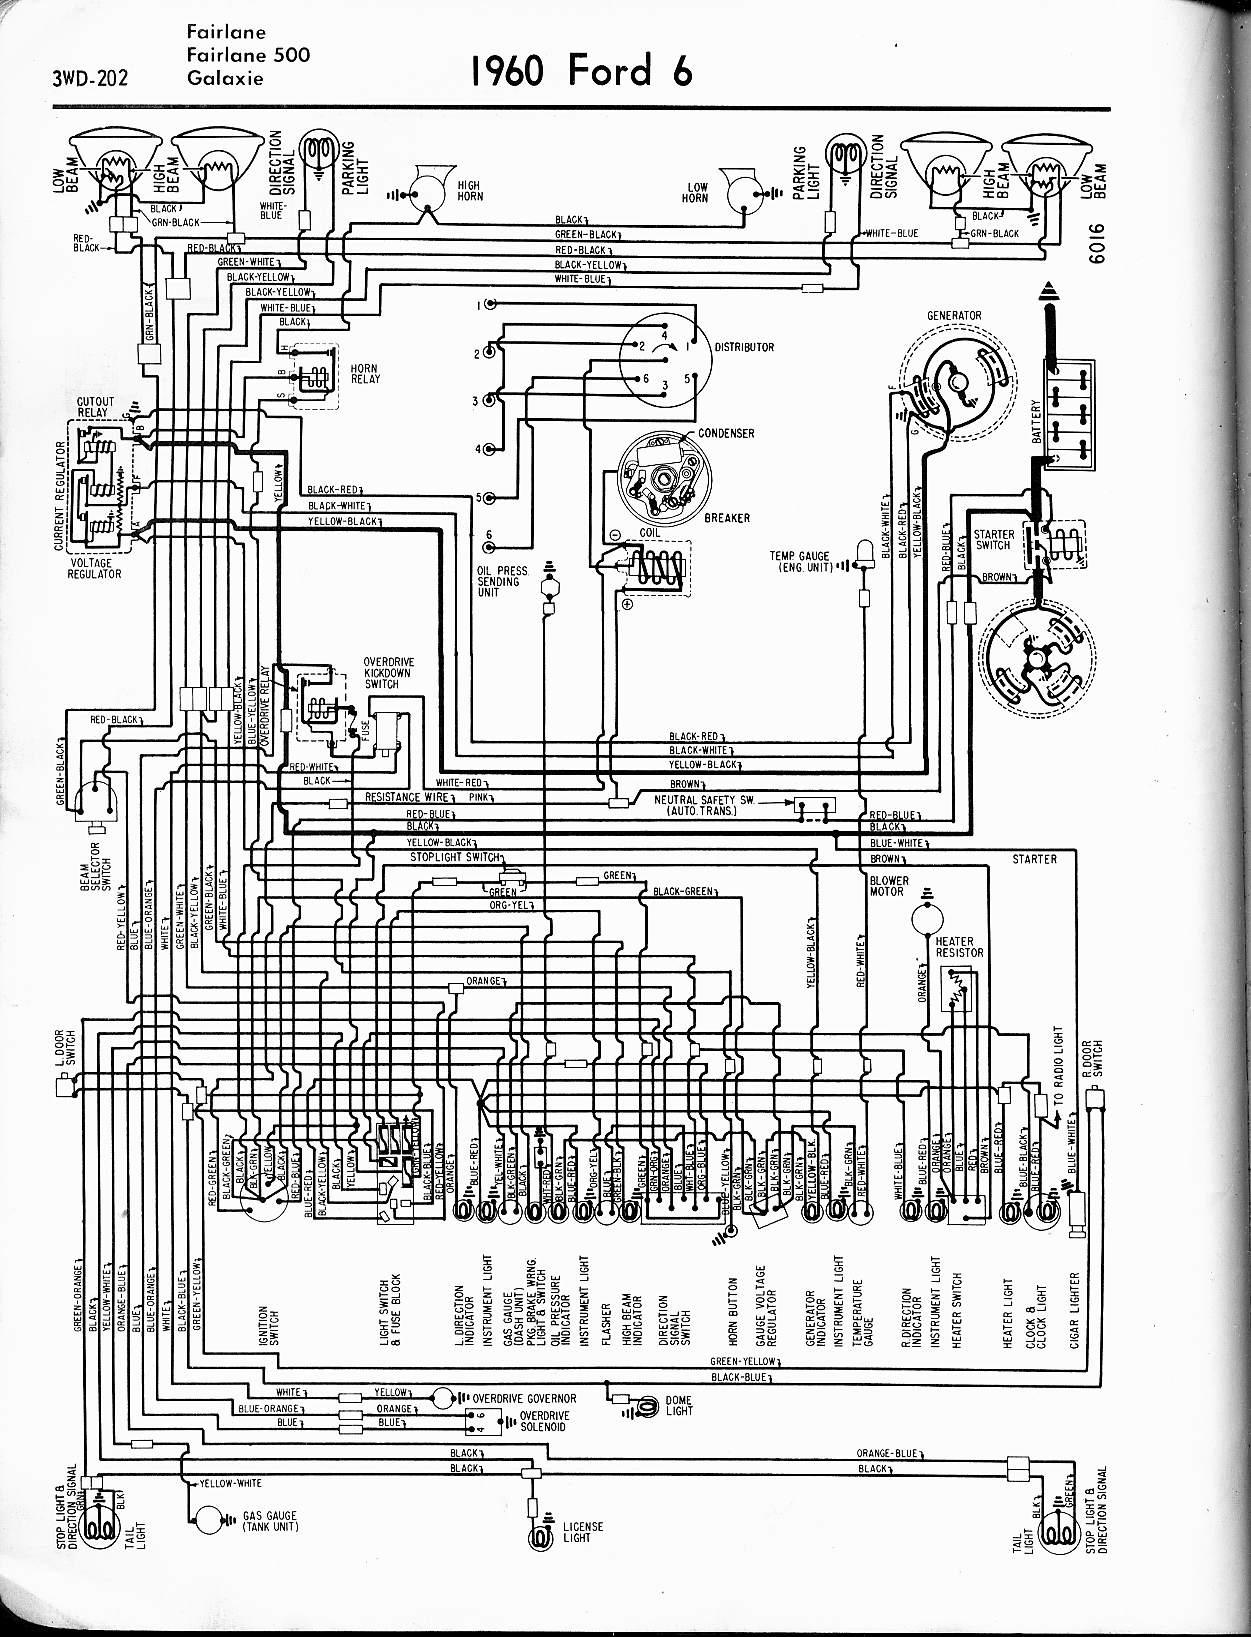 1971 Ford F100 Wiring Diagram Pdf